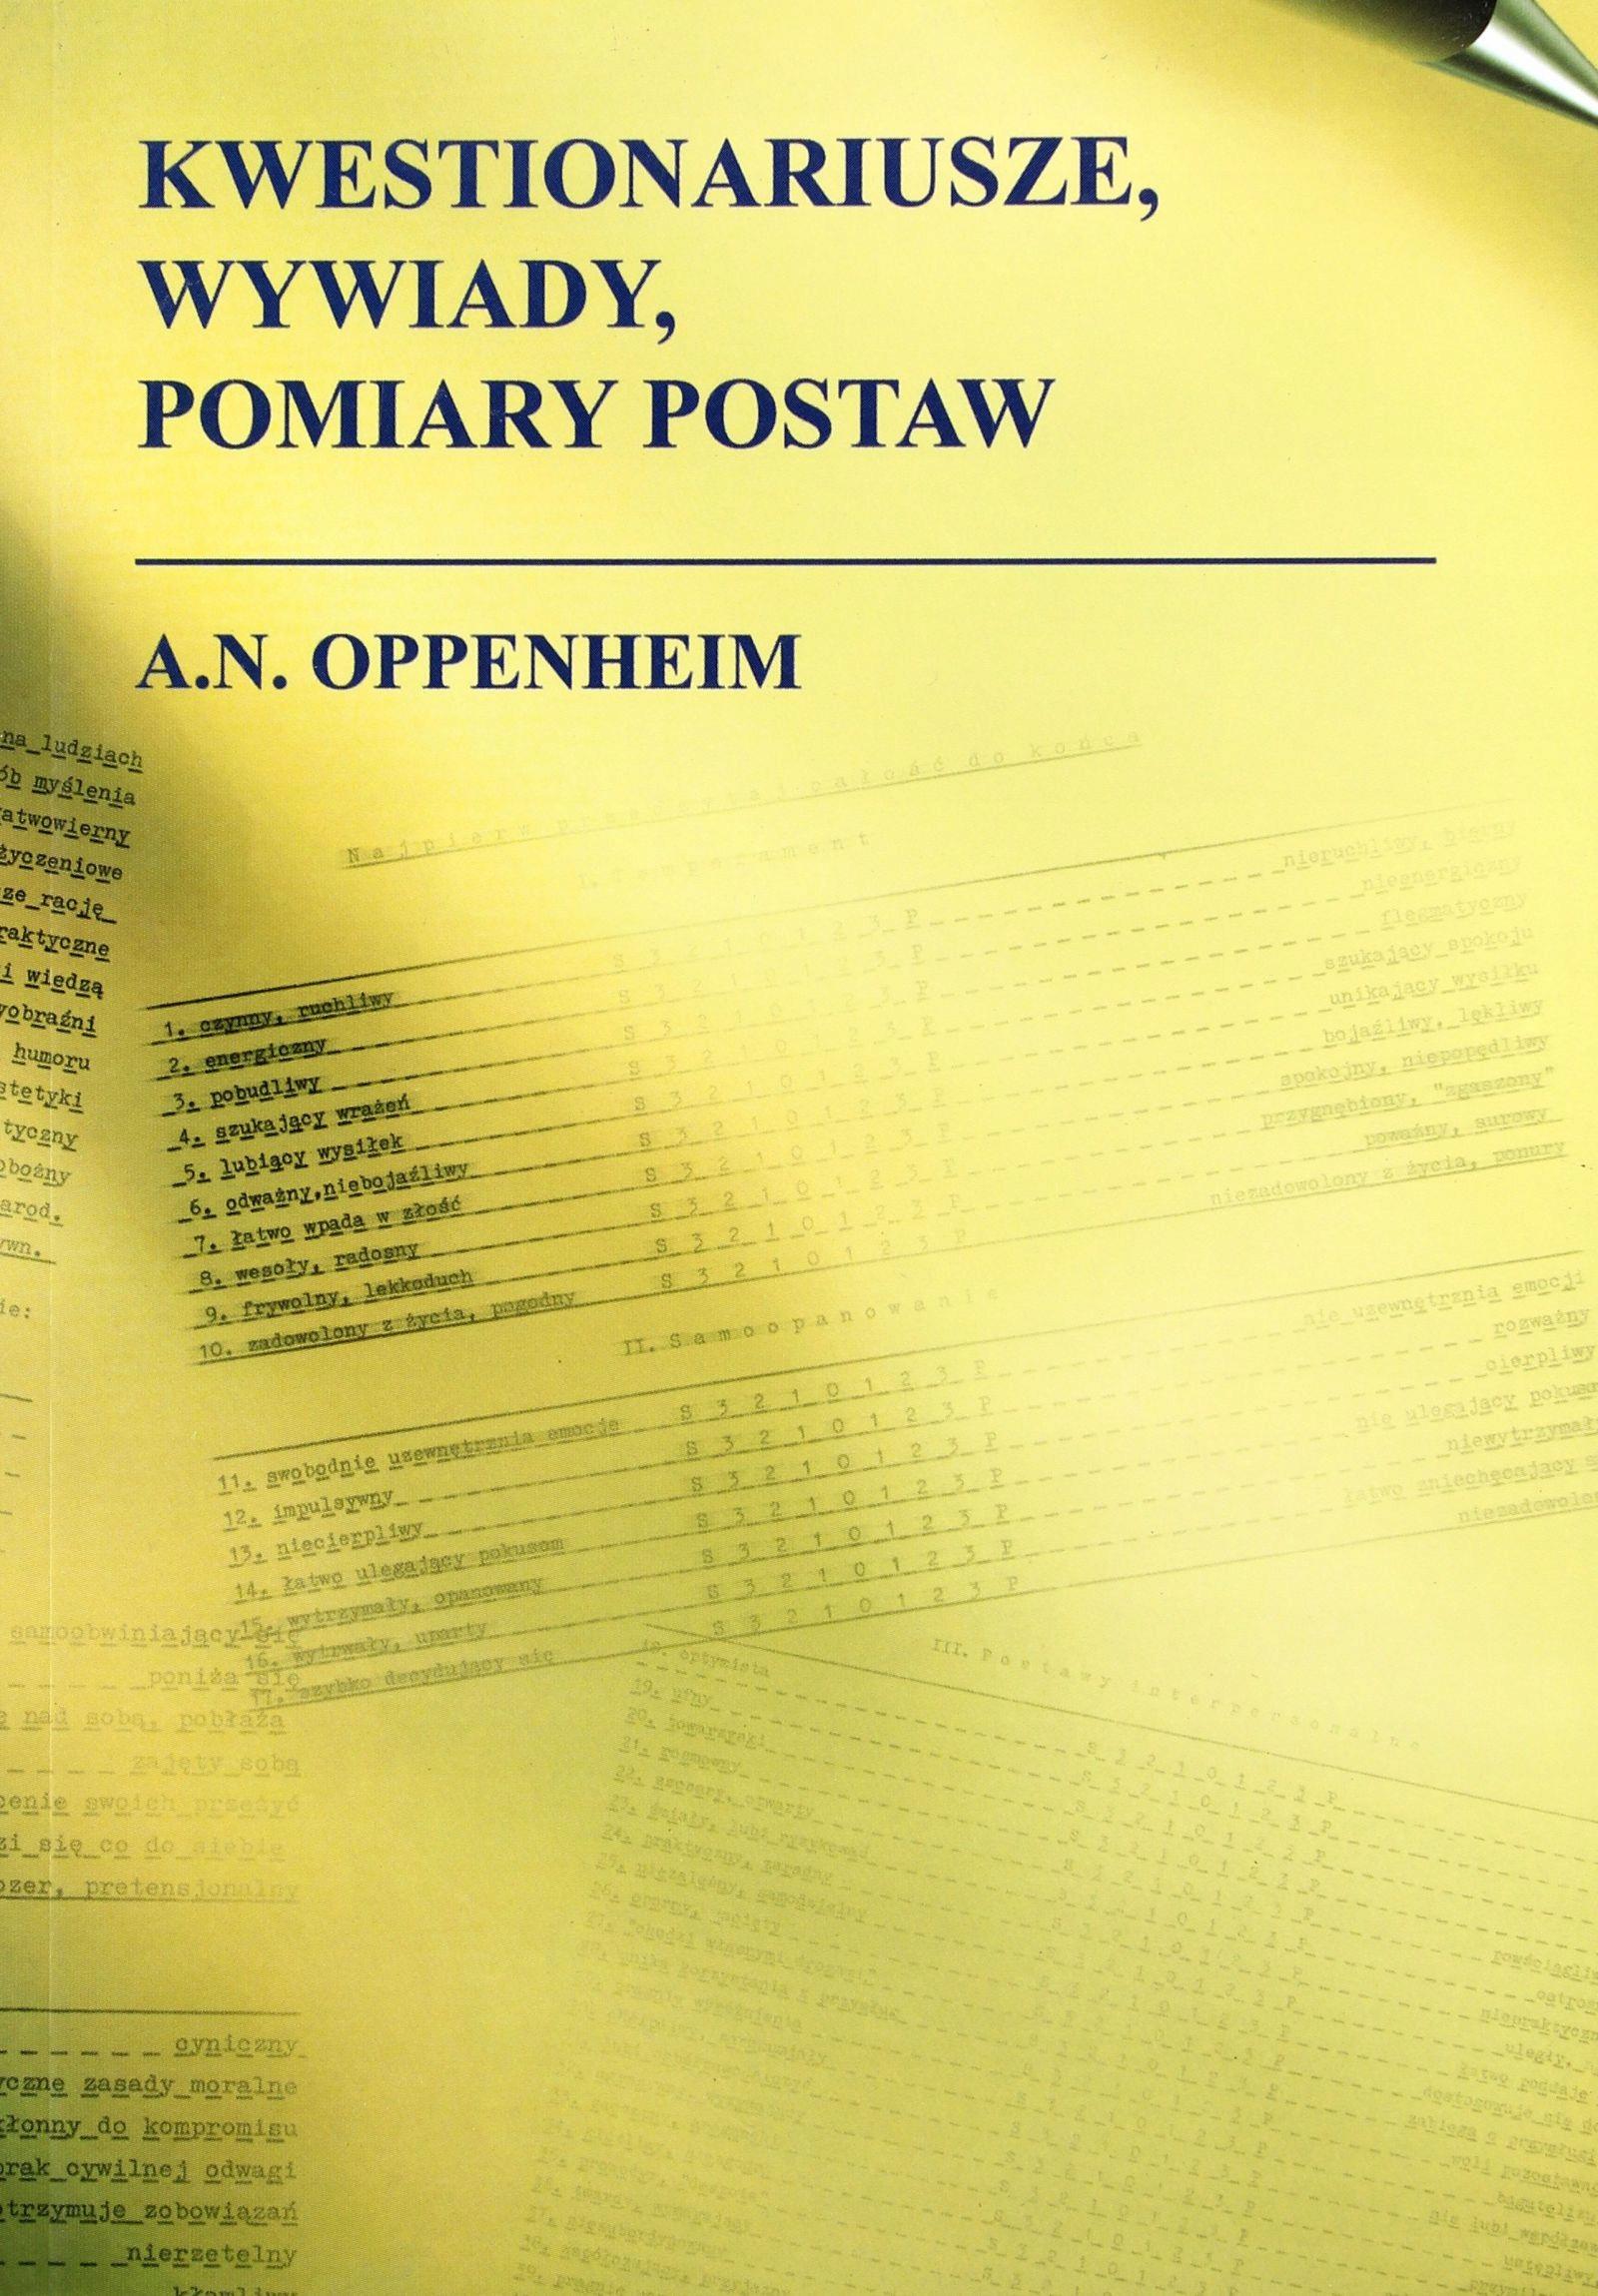 Kwestionariusze, Wywiady, Pomiary II - A.N.Openhai